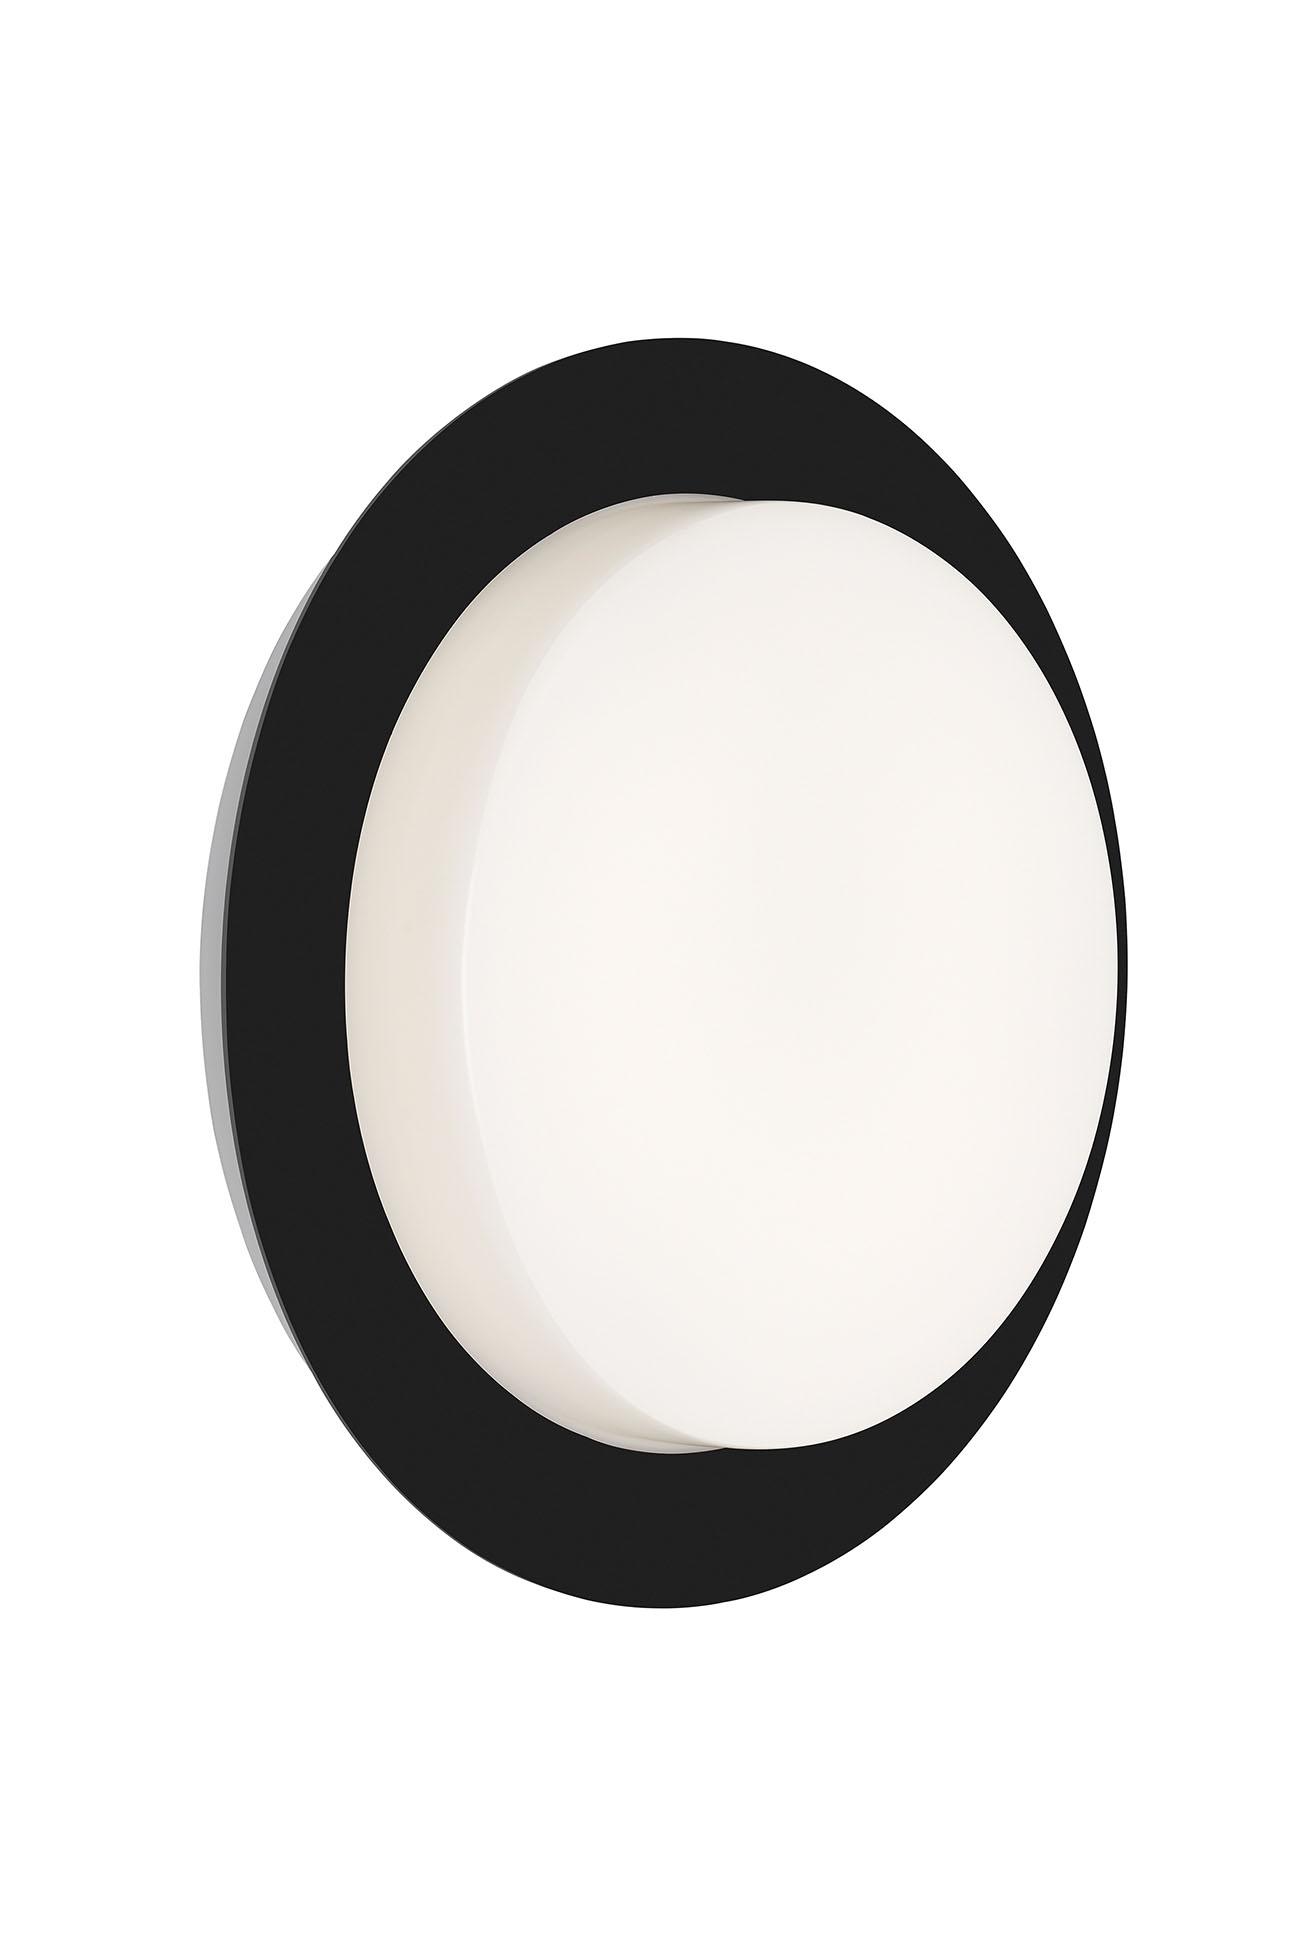 LED Außenleuchte, Ø 18 cm, 9 W, Schwarz